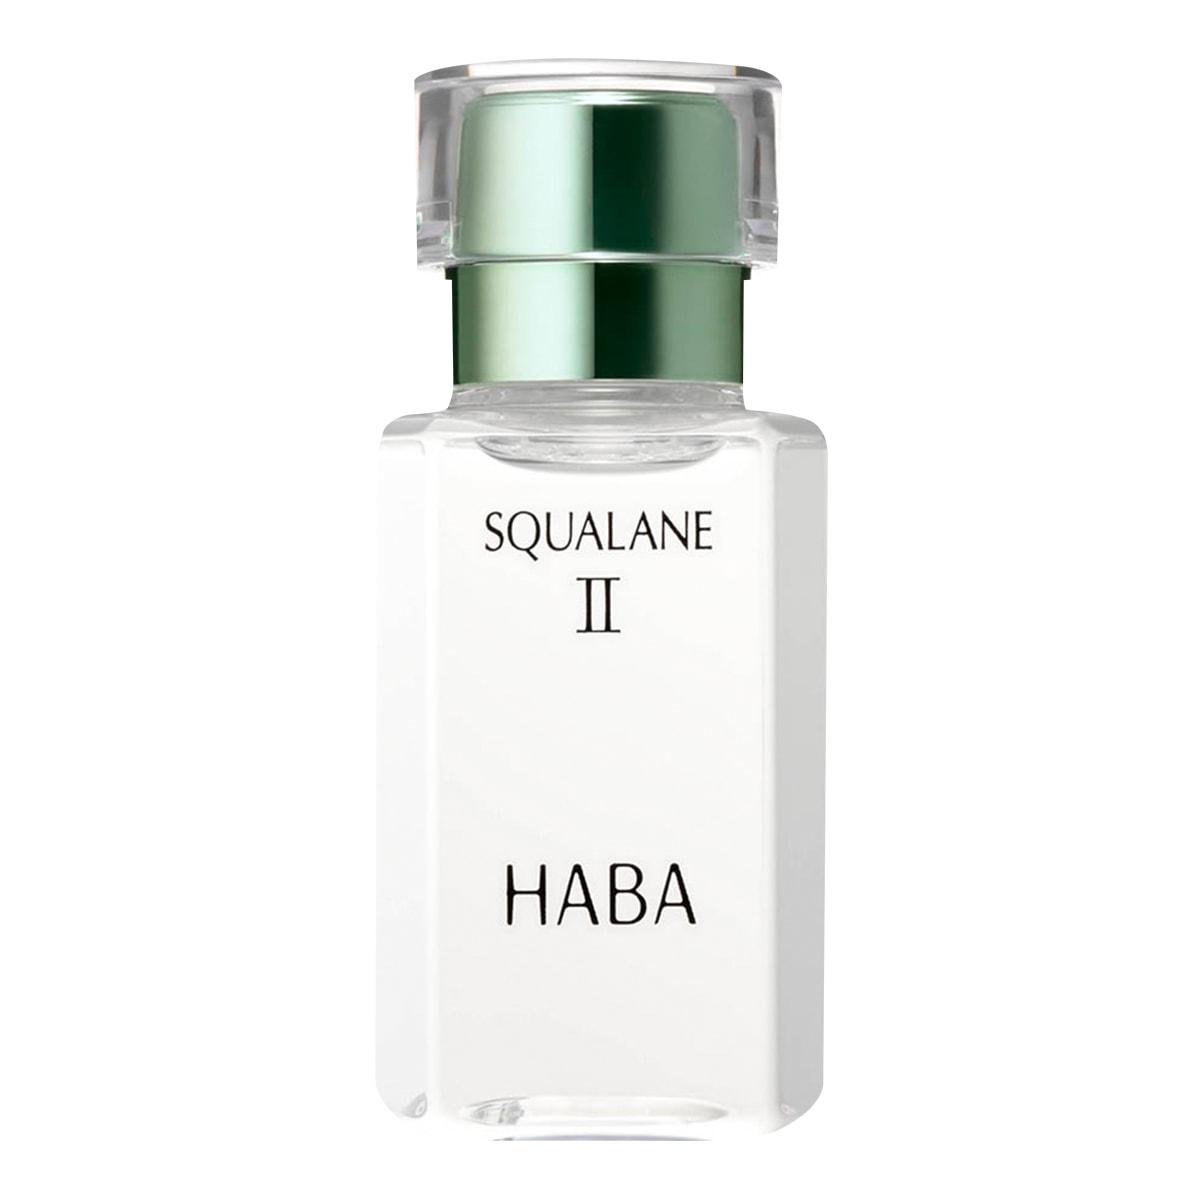 HABA Squalane II 30ml